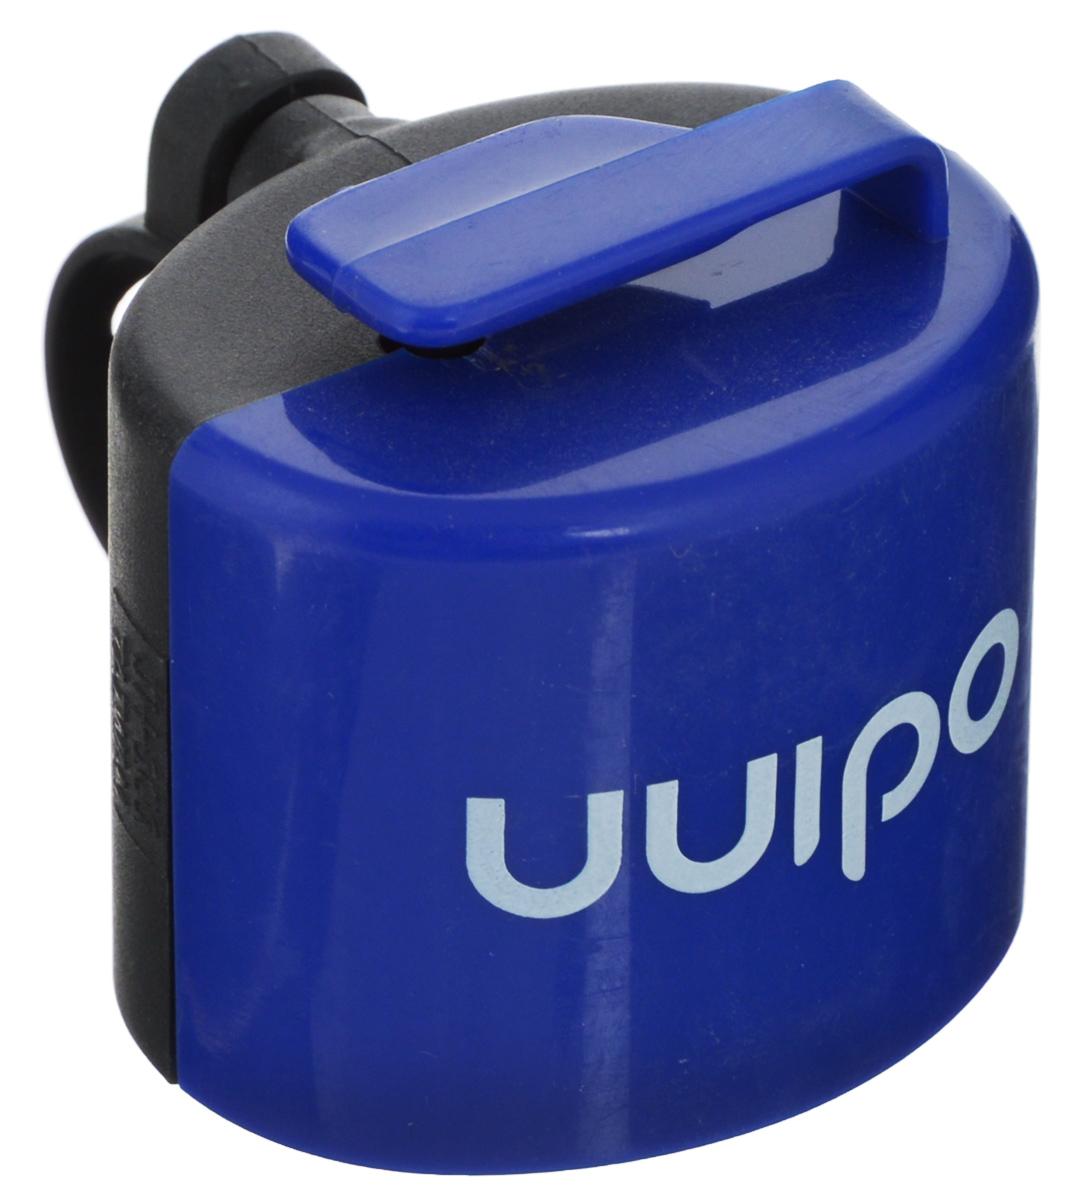 Звонок велосипедный Odinn, электронныйJH-101Электронный звонок Odinn крепится на руль велосипеда и позволяет привлечь внимание в опасных ситуациях. Звонок выполнен из водонепроницаемого пластика, долговечен в использовании. Основным его назначением является предотвращения столкновения, как на дорогах общего пользования, так и на тротуарах. .